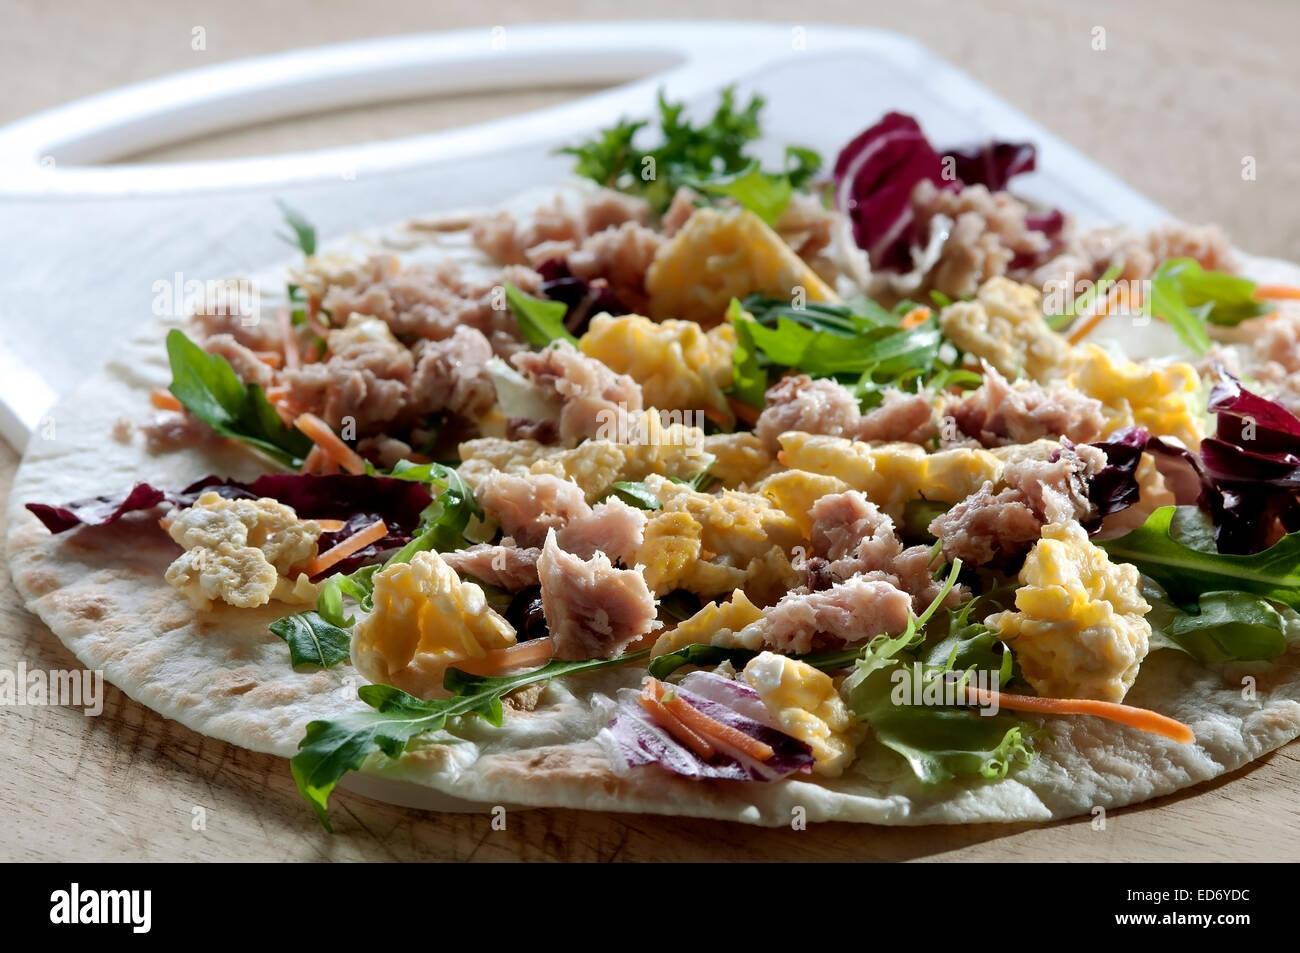 Galette au thon œufs et laitue typiquement italienne dans le nord de l'Italie Photo Stock